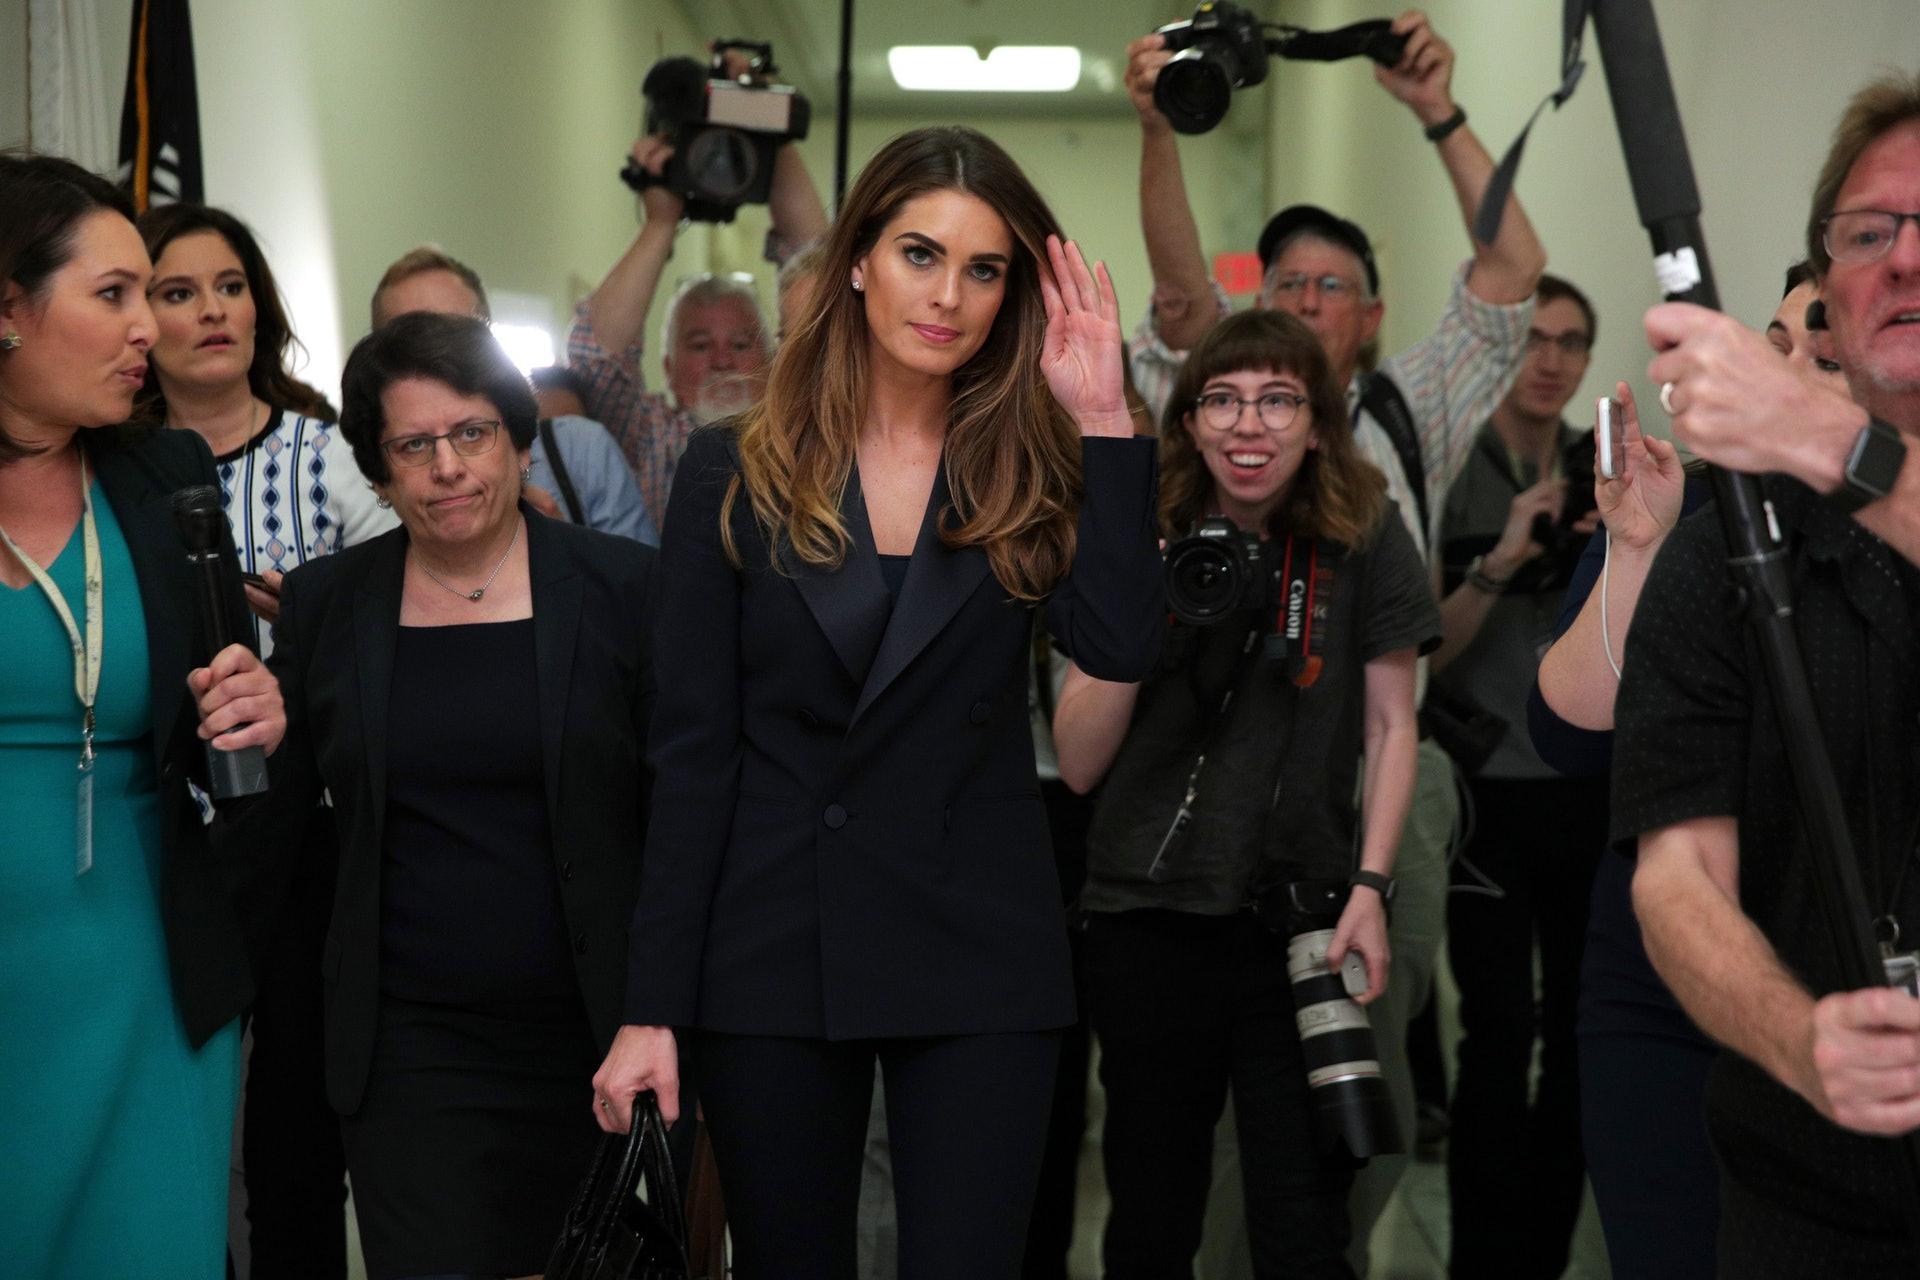 希克斯:2018年2月,希克斯成為「通俄門」事件的調查對象之一,被懷疑一度向外界發布錯誤訊息。她在作供時承認曾為特朗普說一些無傷大雅的「白色謊言」。作供次日,希克斯宣布辭職。(Getty)